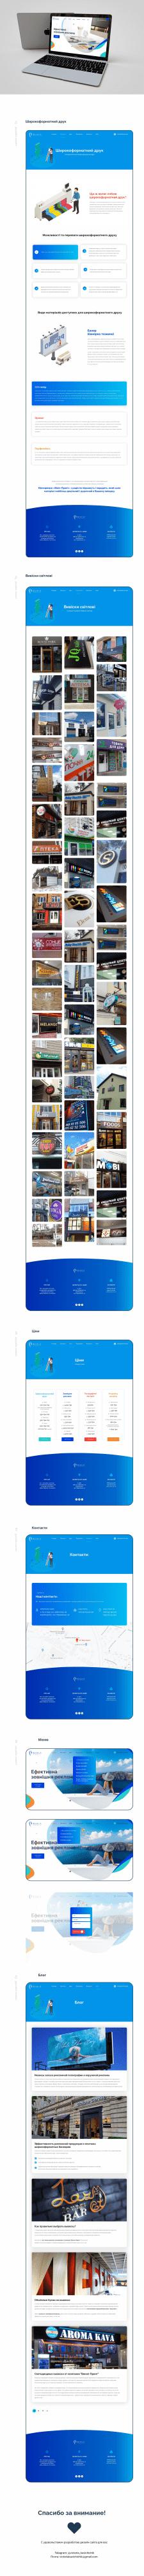 #Дизайн сайта Винил Принт#2 часть